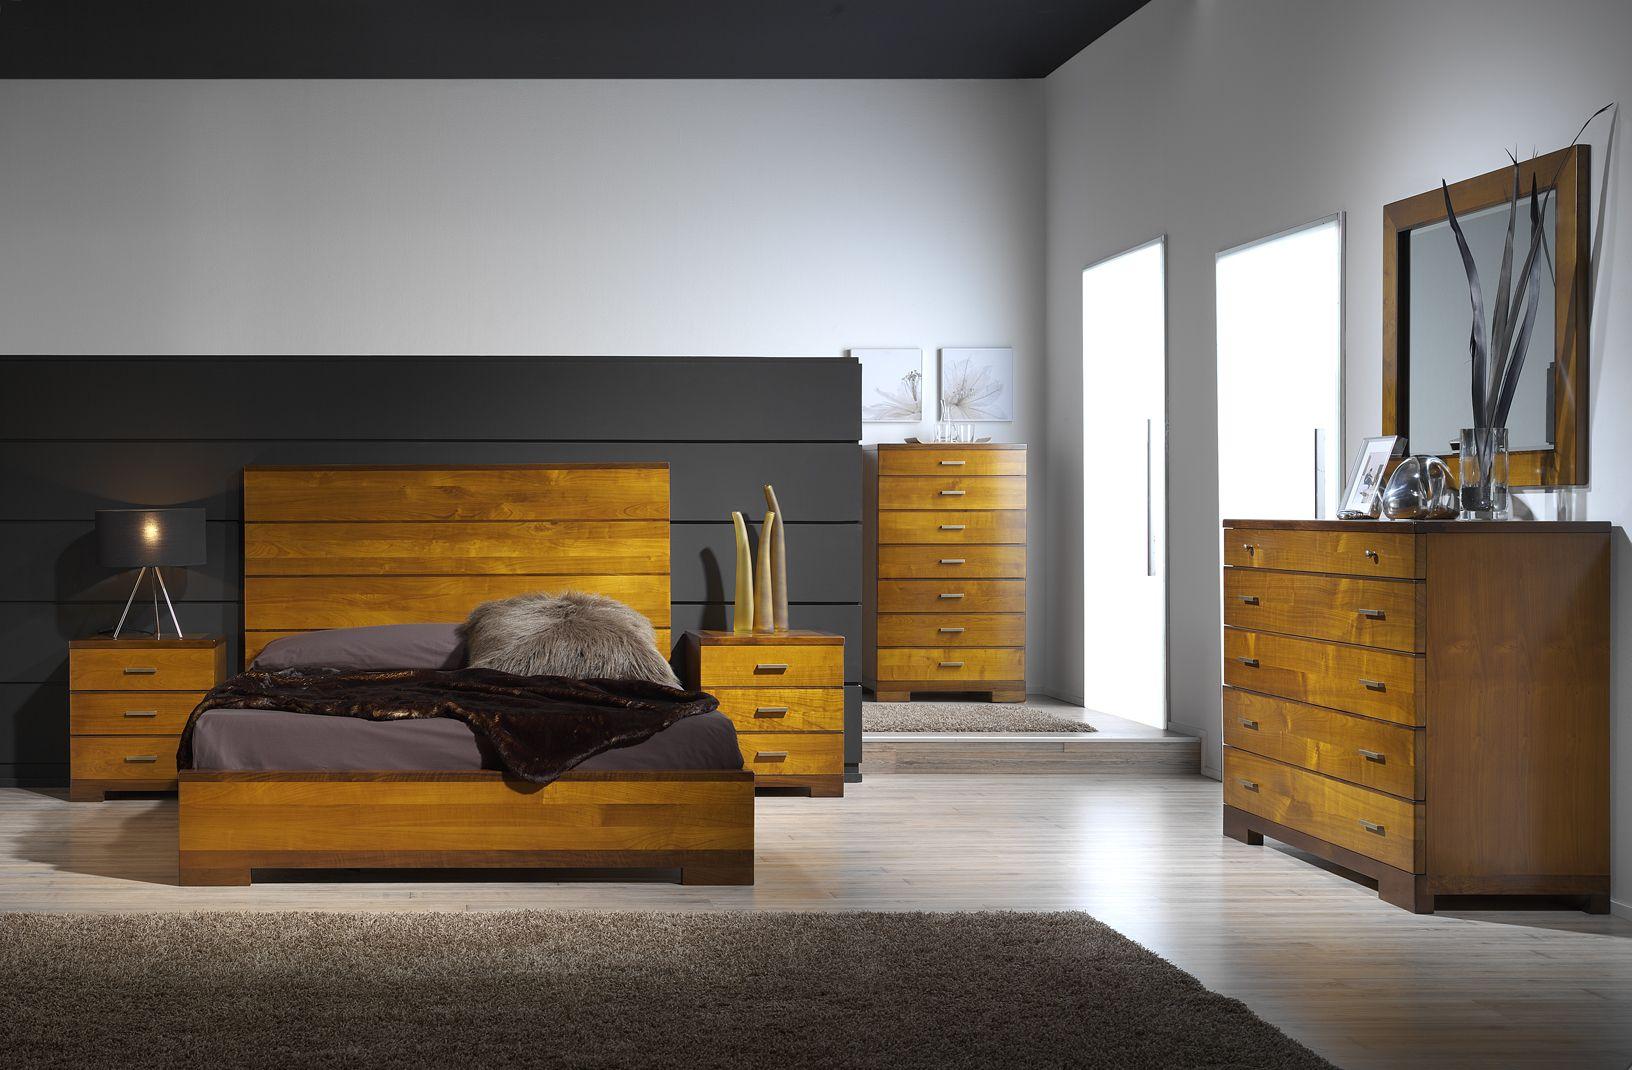 Dormitorio clasico contemporaneo modelo silvia en madera for Muebles de dormitorio contemporaneo